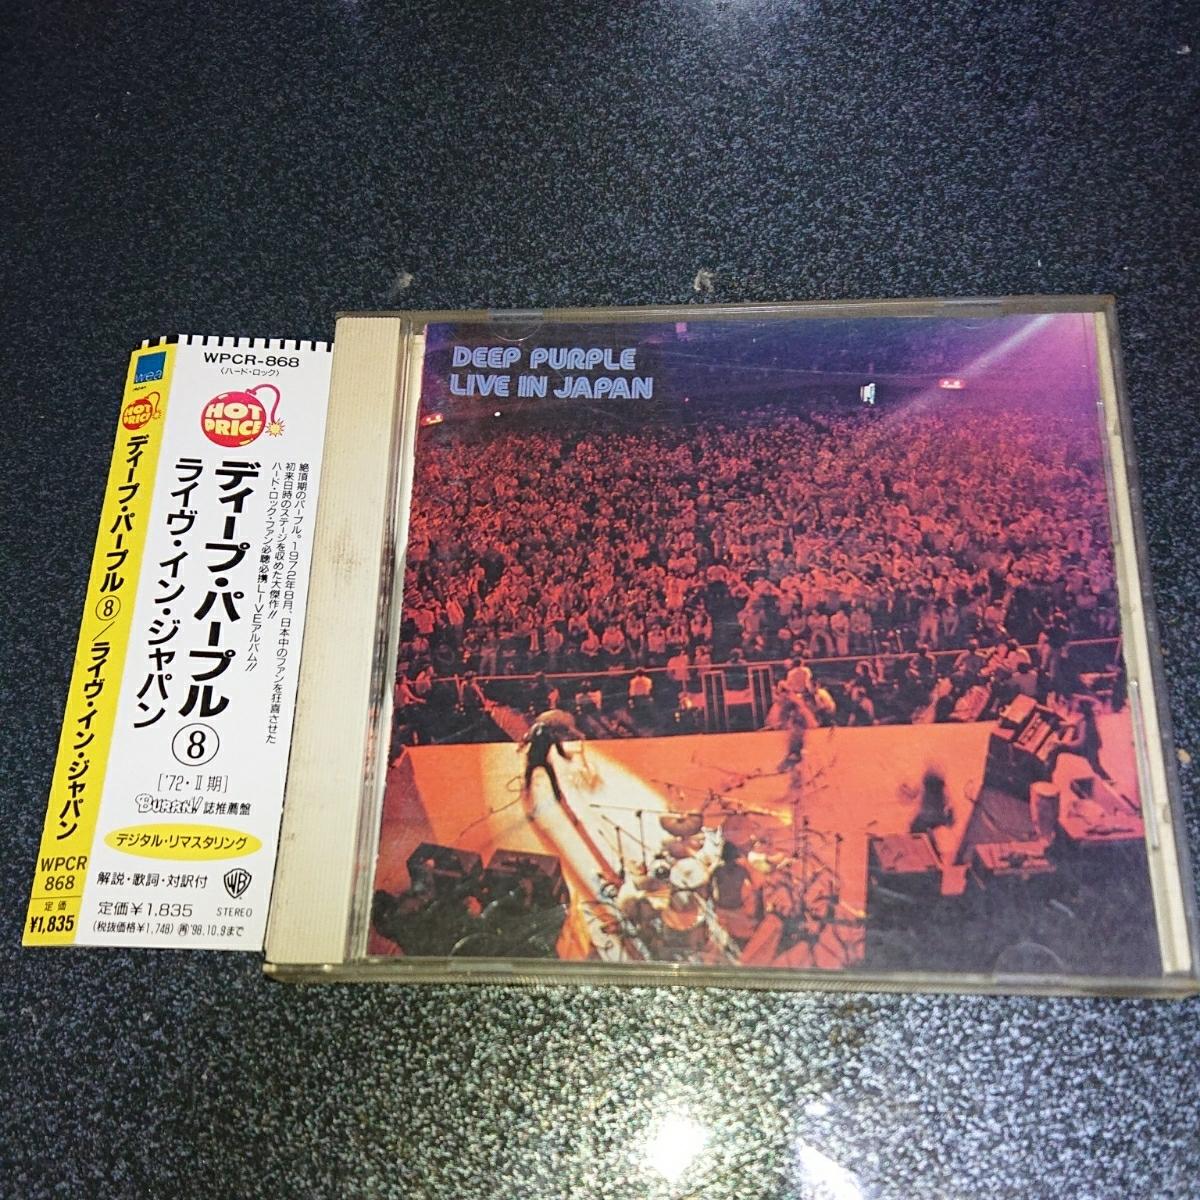 ディープ・パープル CD ライブ・イン・ジャパン リッチー・ブラックモア、イアン・ギラン、ロジャー・グローバー、イアン・ペイス、名盤